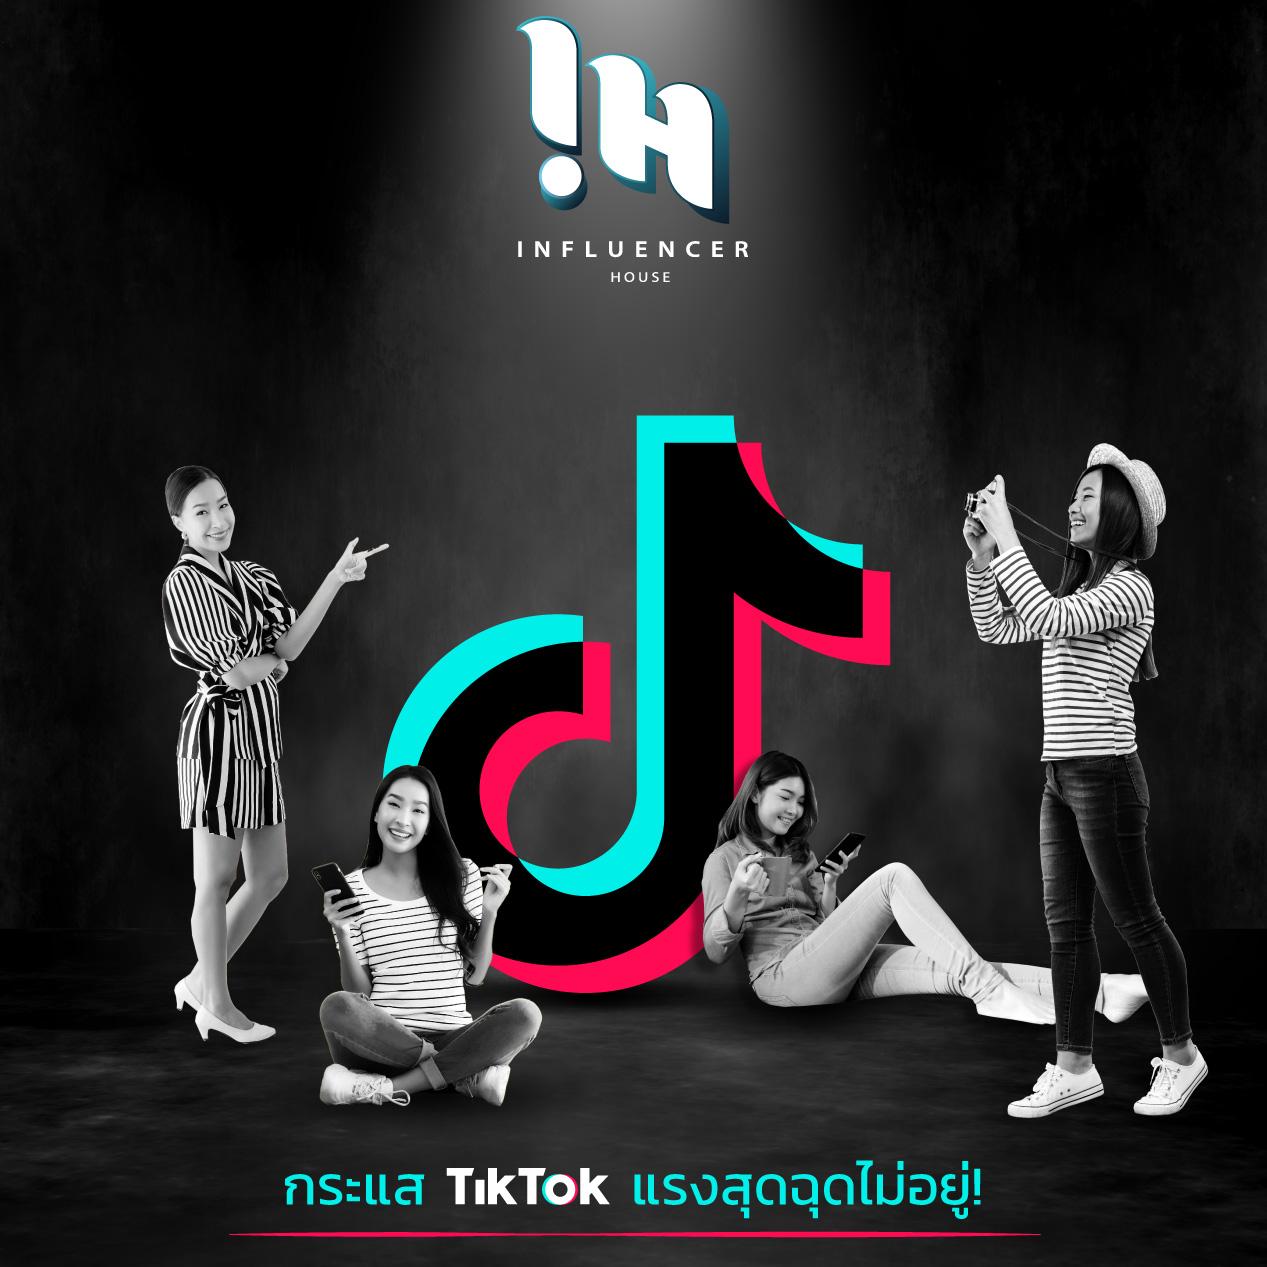 แนะนำการตลาดอินฟลูเอนเซอร์ของ TikTok ประเทศไทย